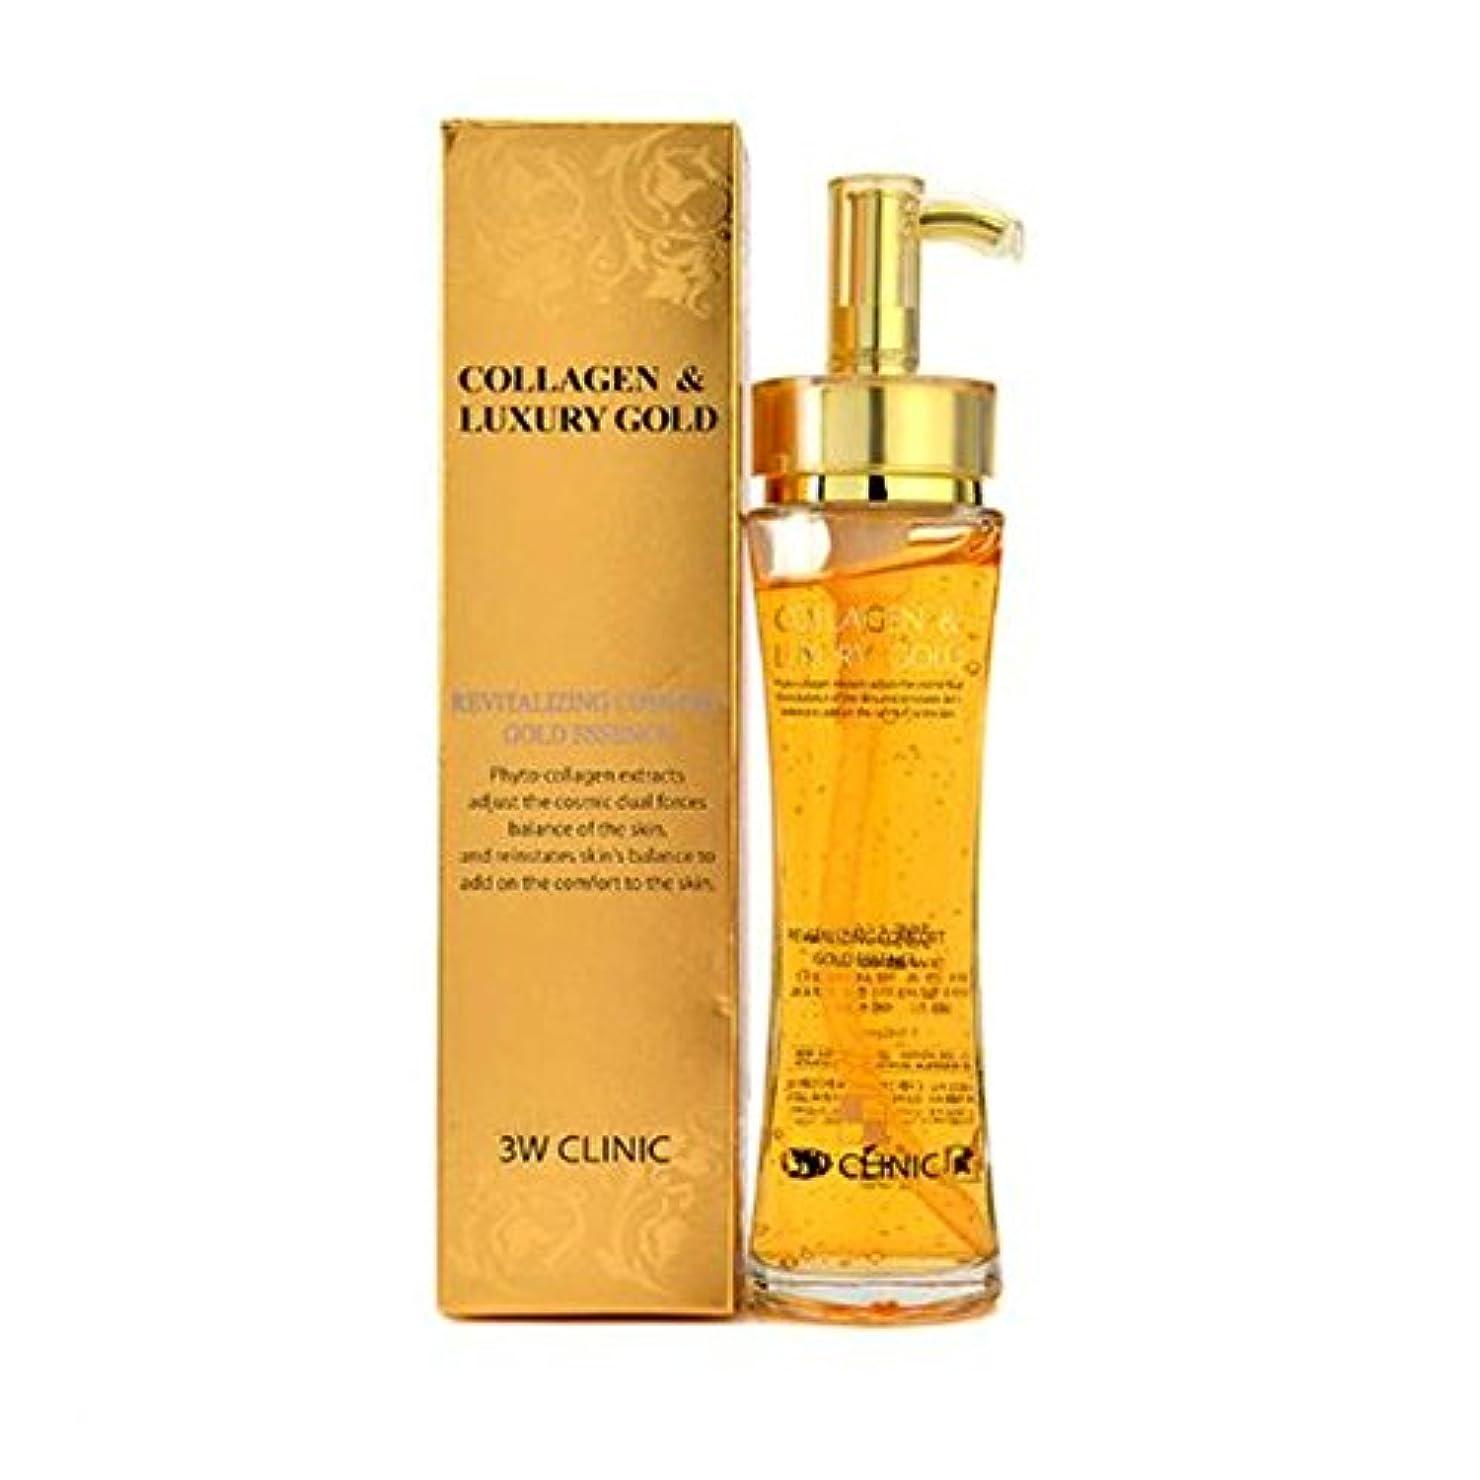 分離するひいきにするウィスキー3Wクリニック Collagen & Luxury Gold Revitalizing Comfort Gold Essence 150ml/5.07oz並行輸入品